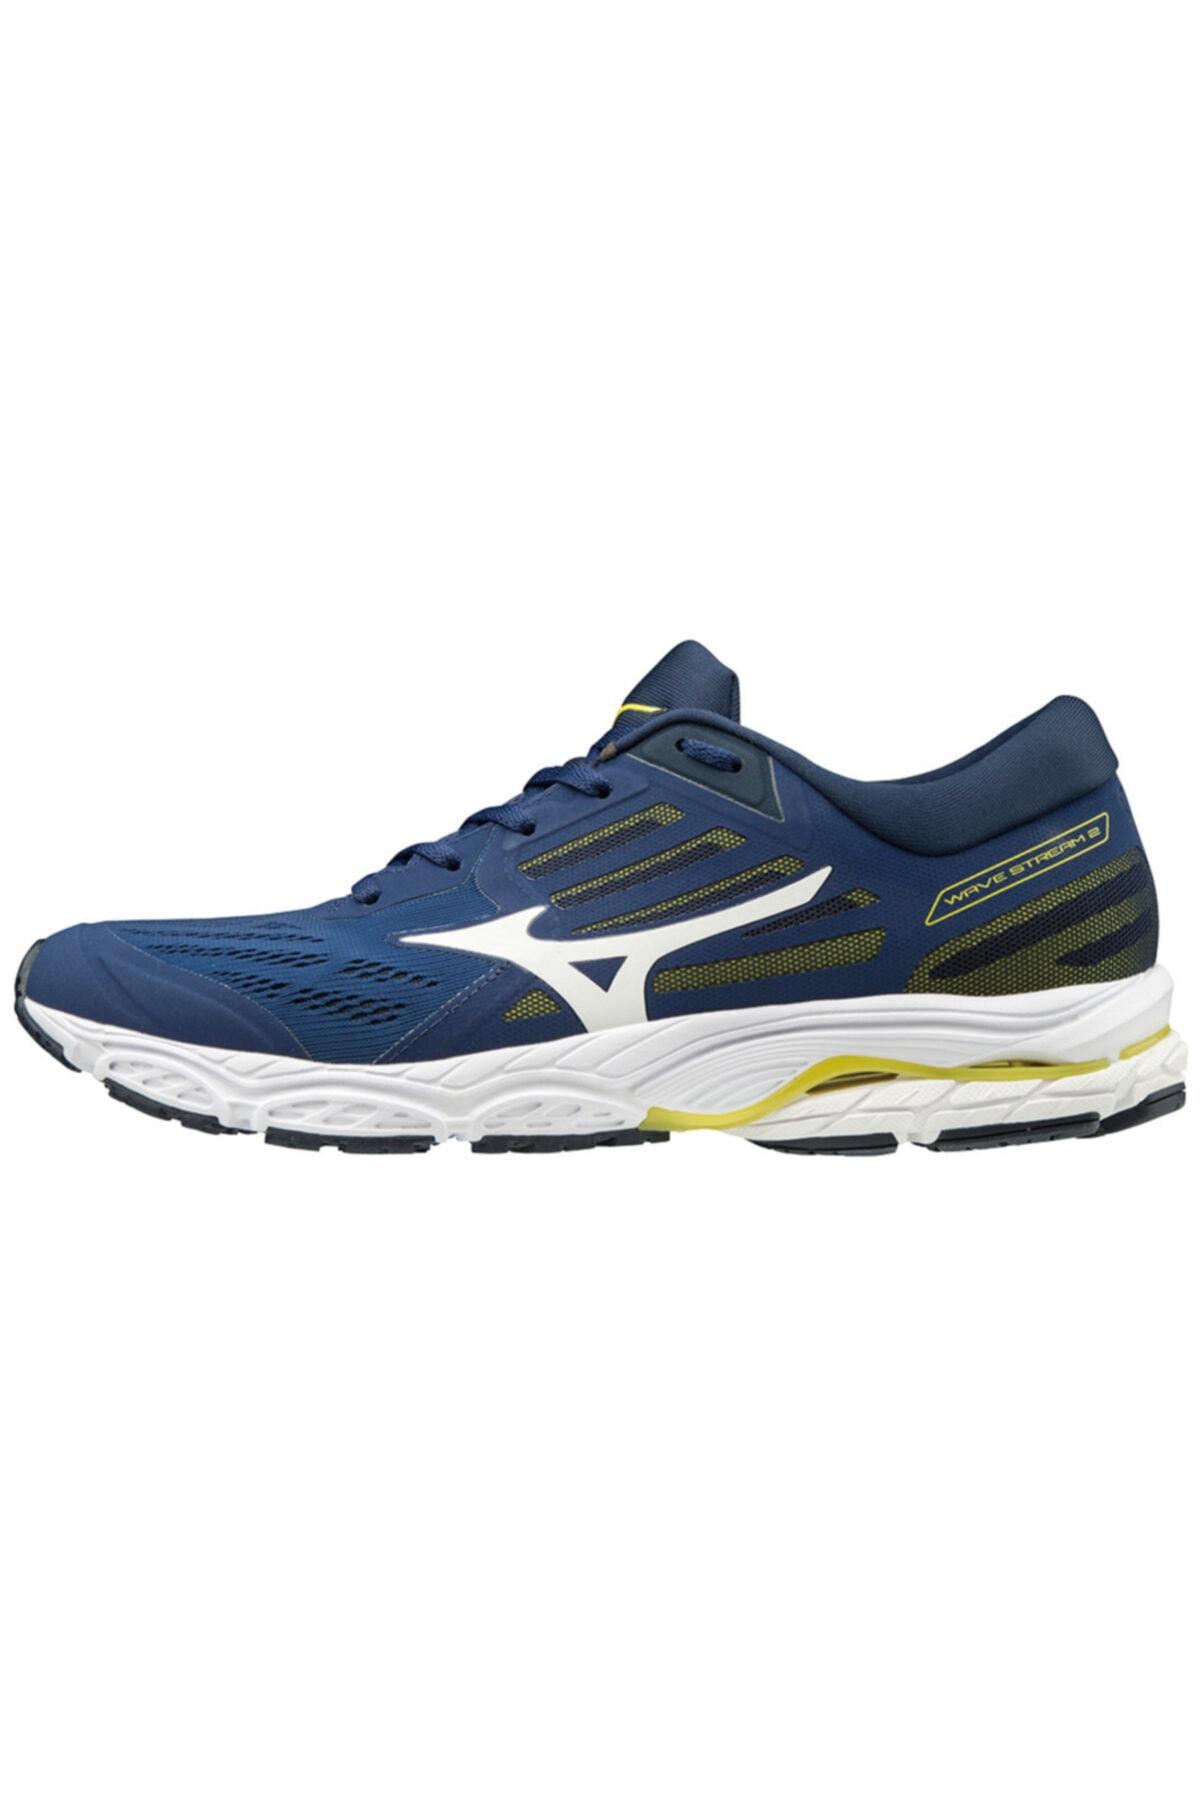 MIZUNO Erkek Lacivert Koşu Ayakkabısı J1gc191902 1